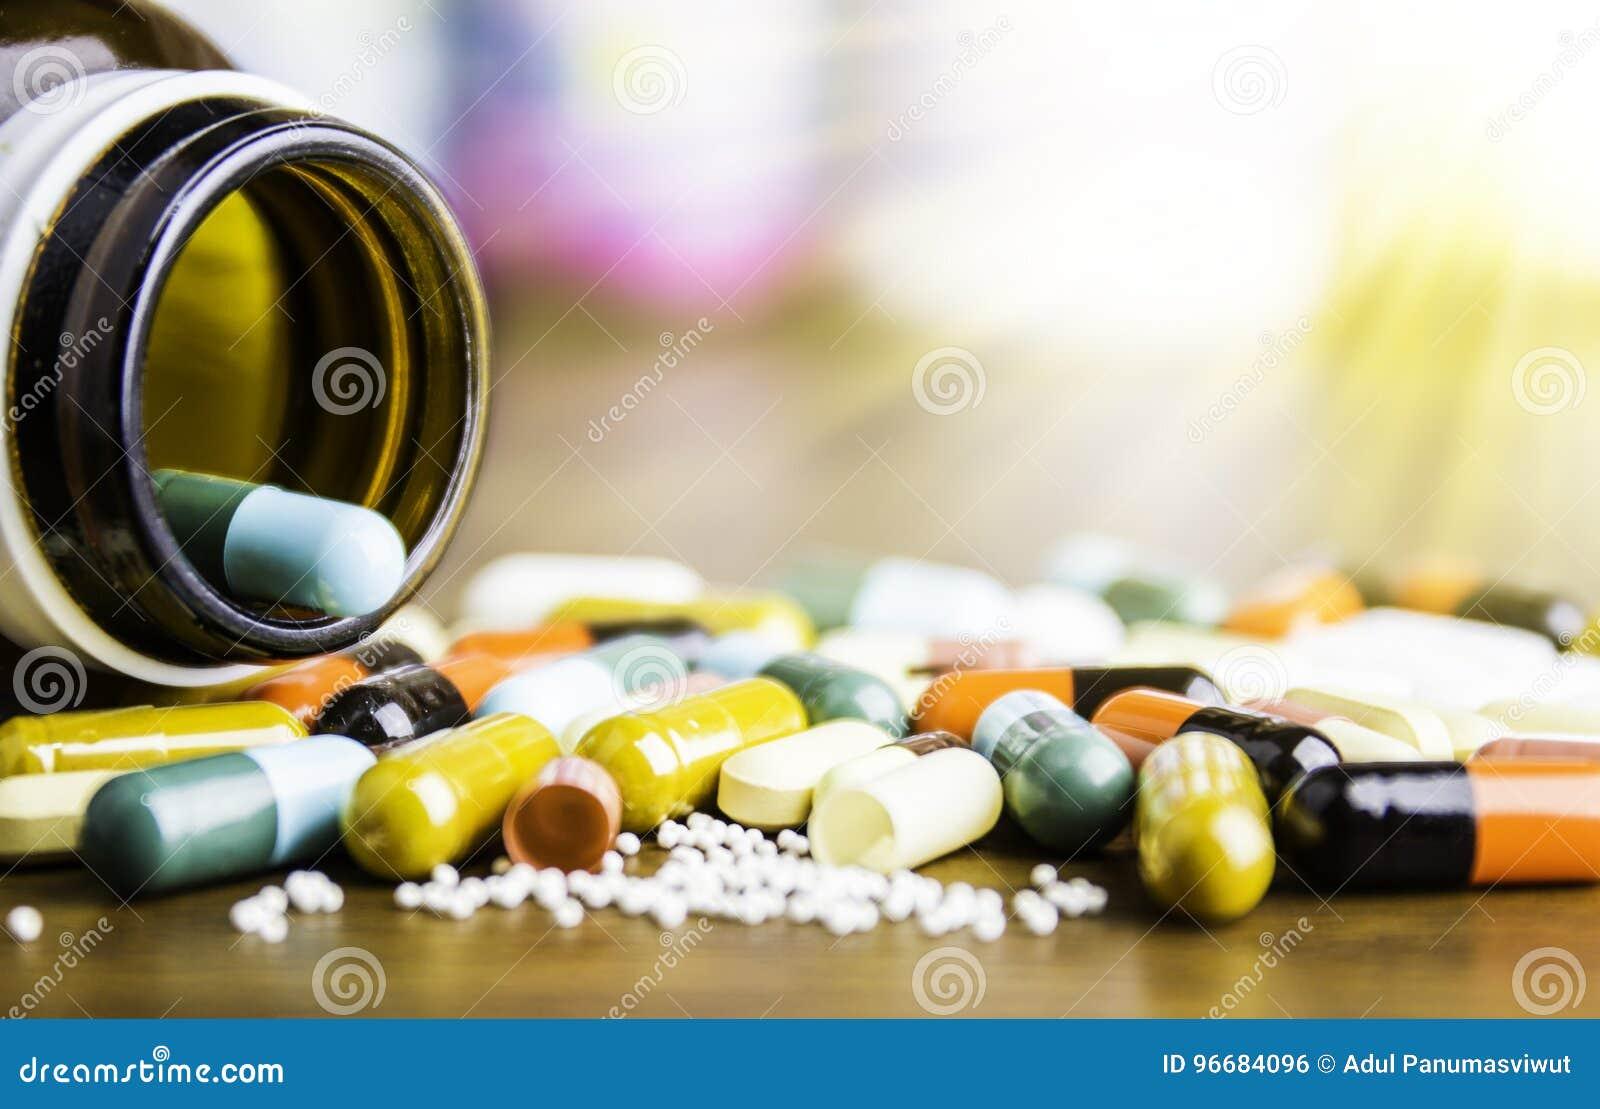 Médecine ou capsules Prescription de drogue pour le médicament de traitement Médicament pharmaceutique, traitement dans le récipi